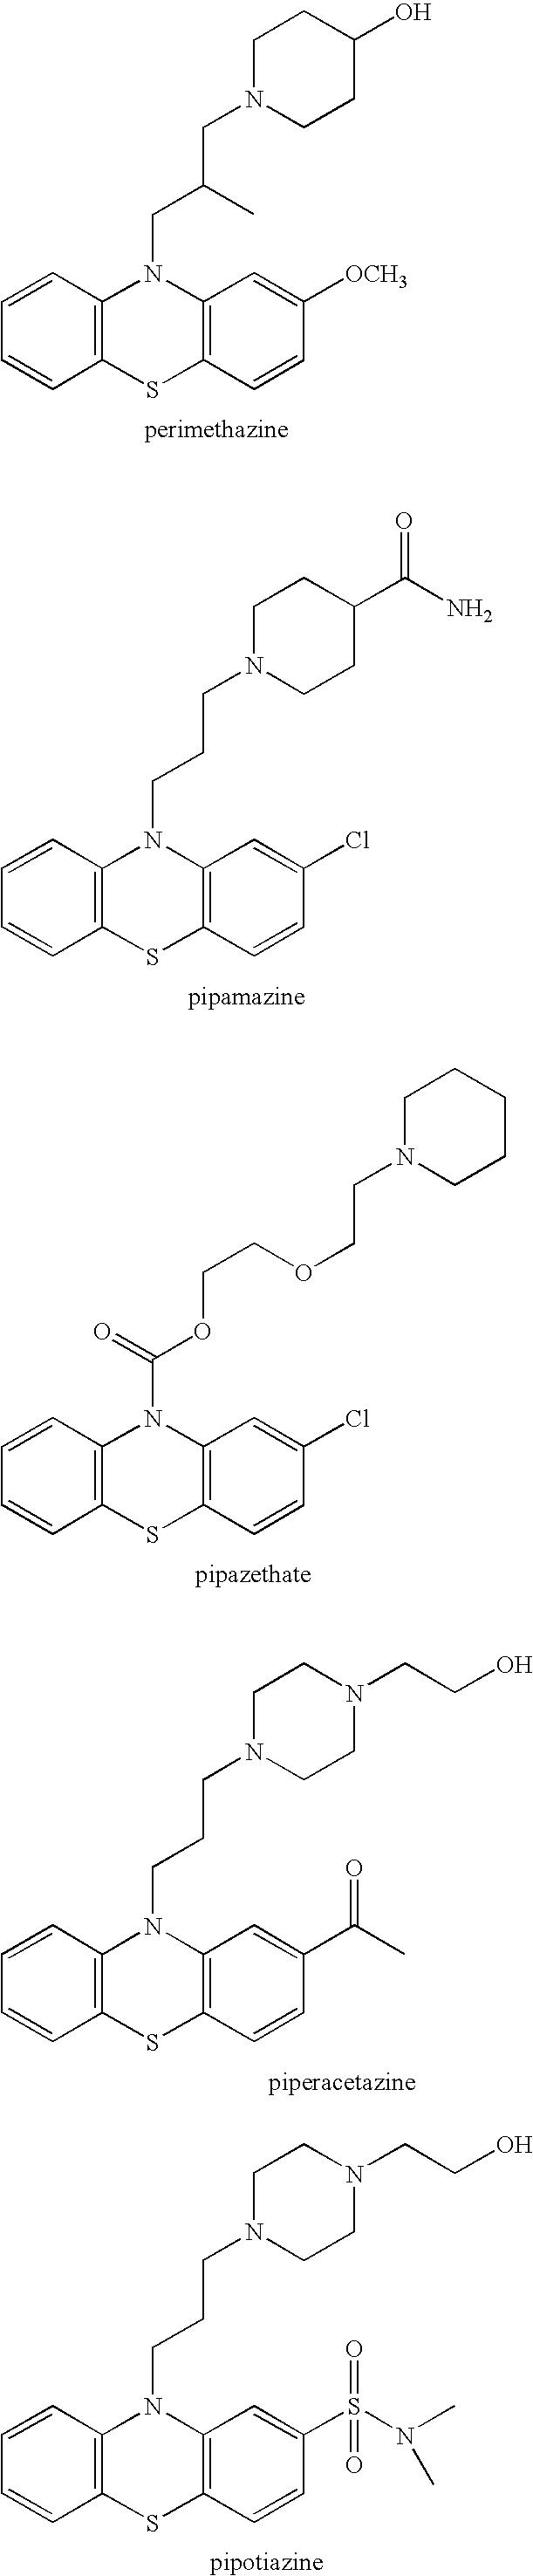 Figure US20070299043A1-20071227-C00264